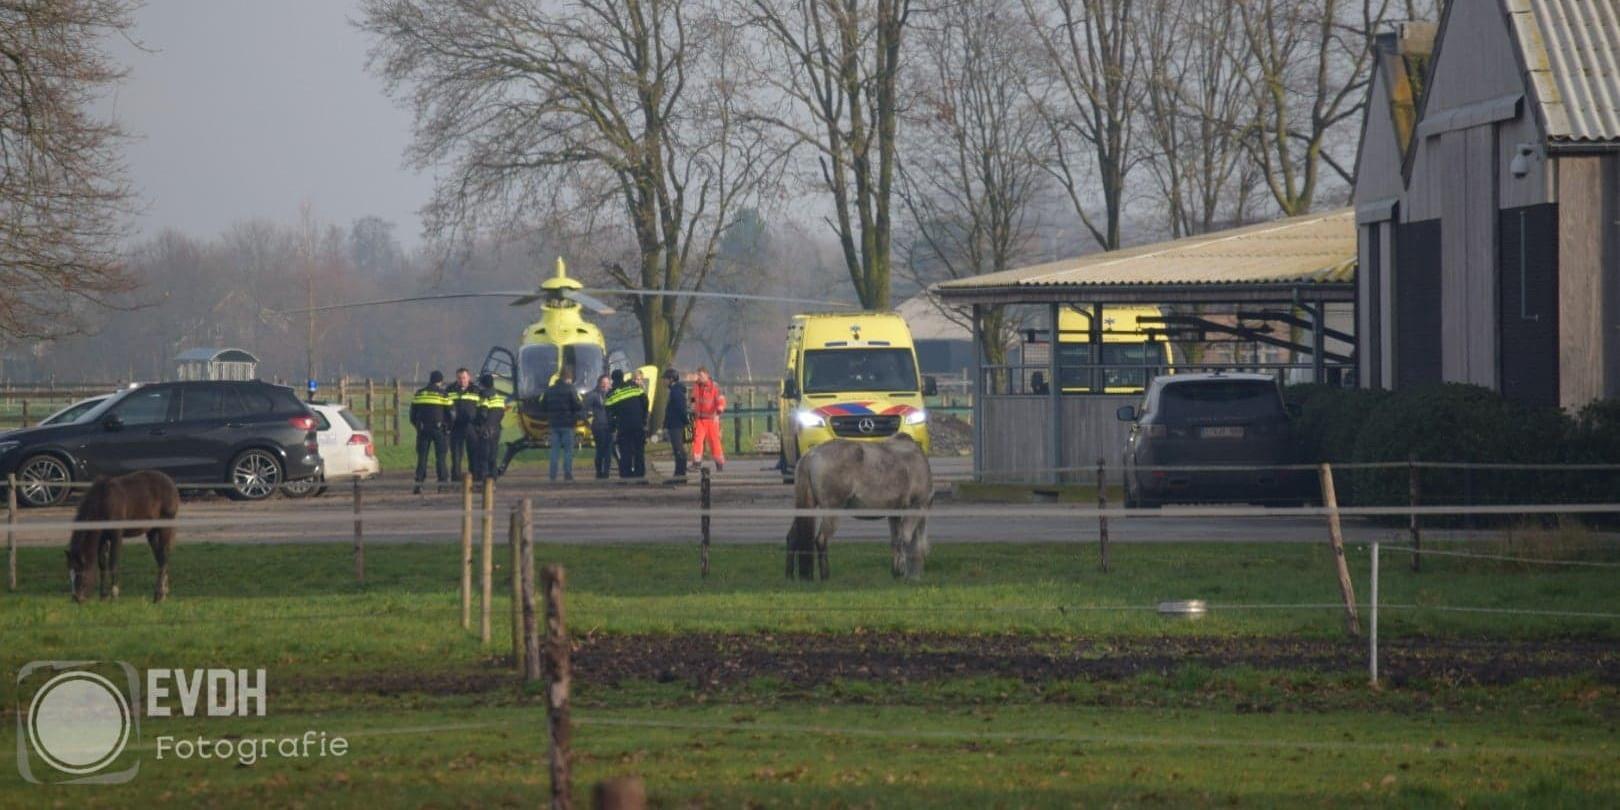 Traumahelikopter ingezet bij incident op manege Heikant - GO-RTV.